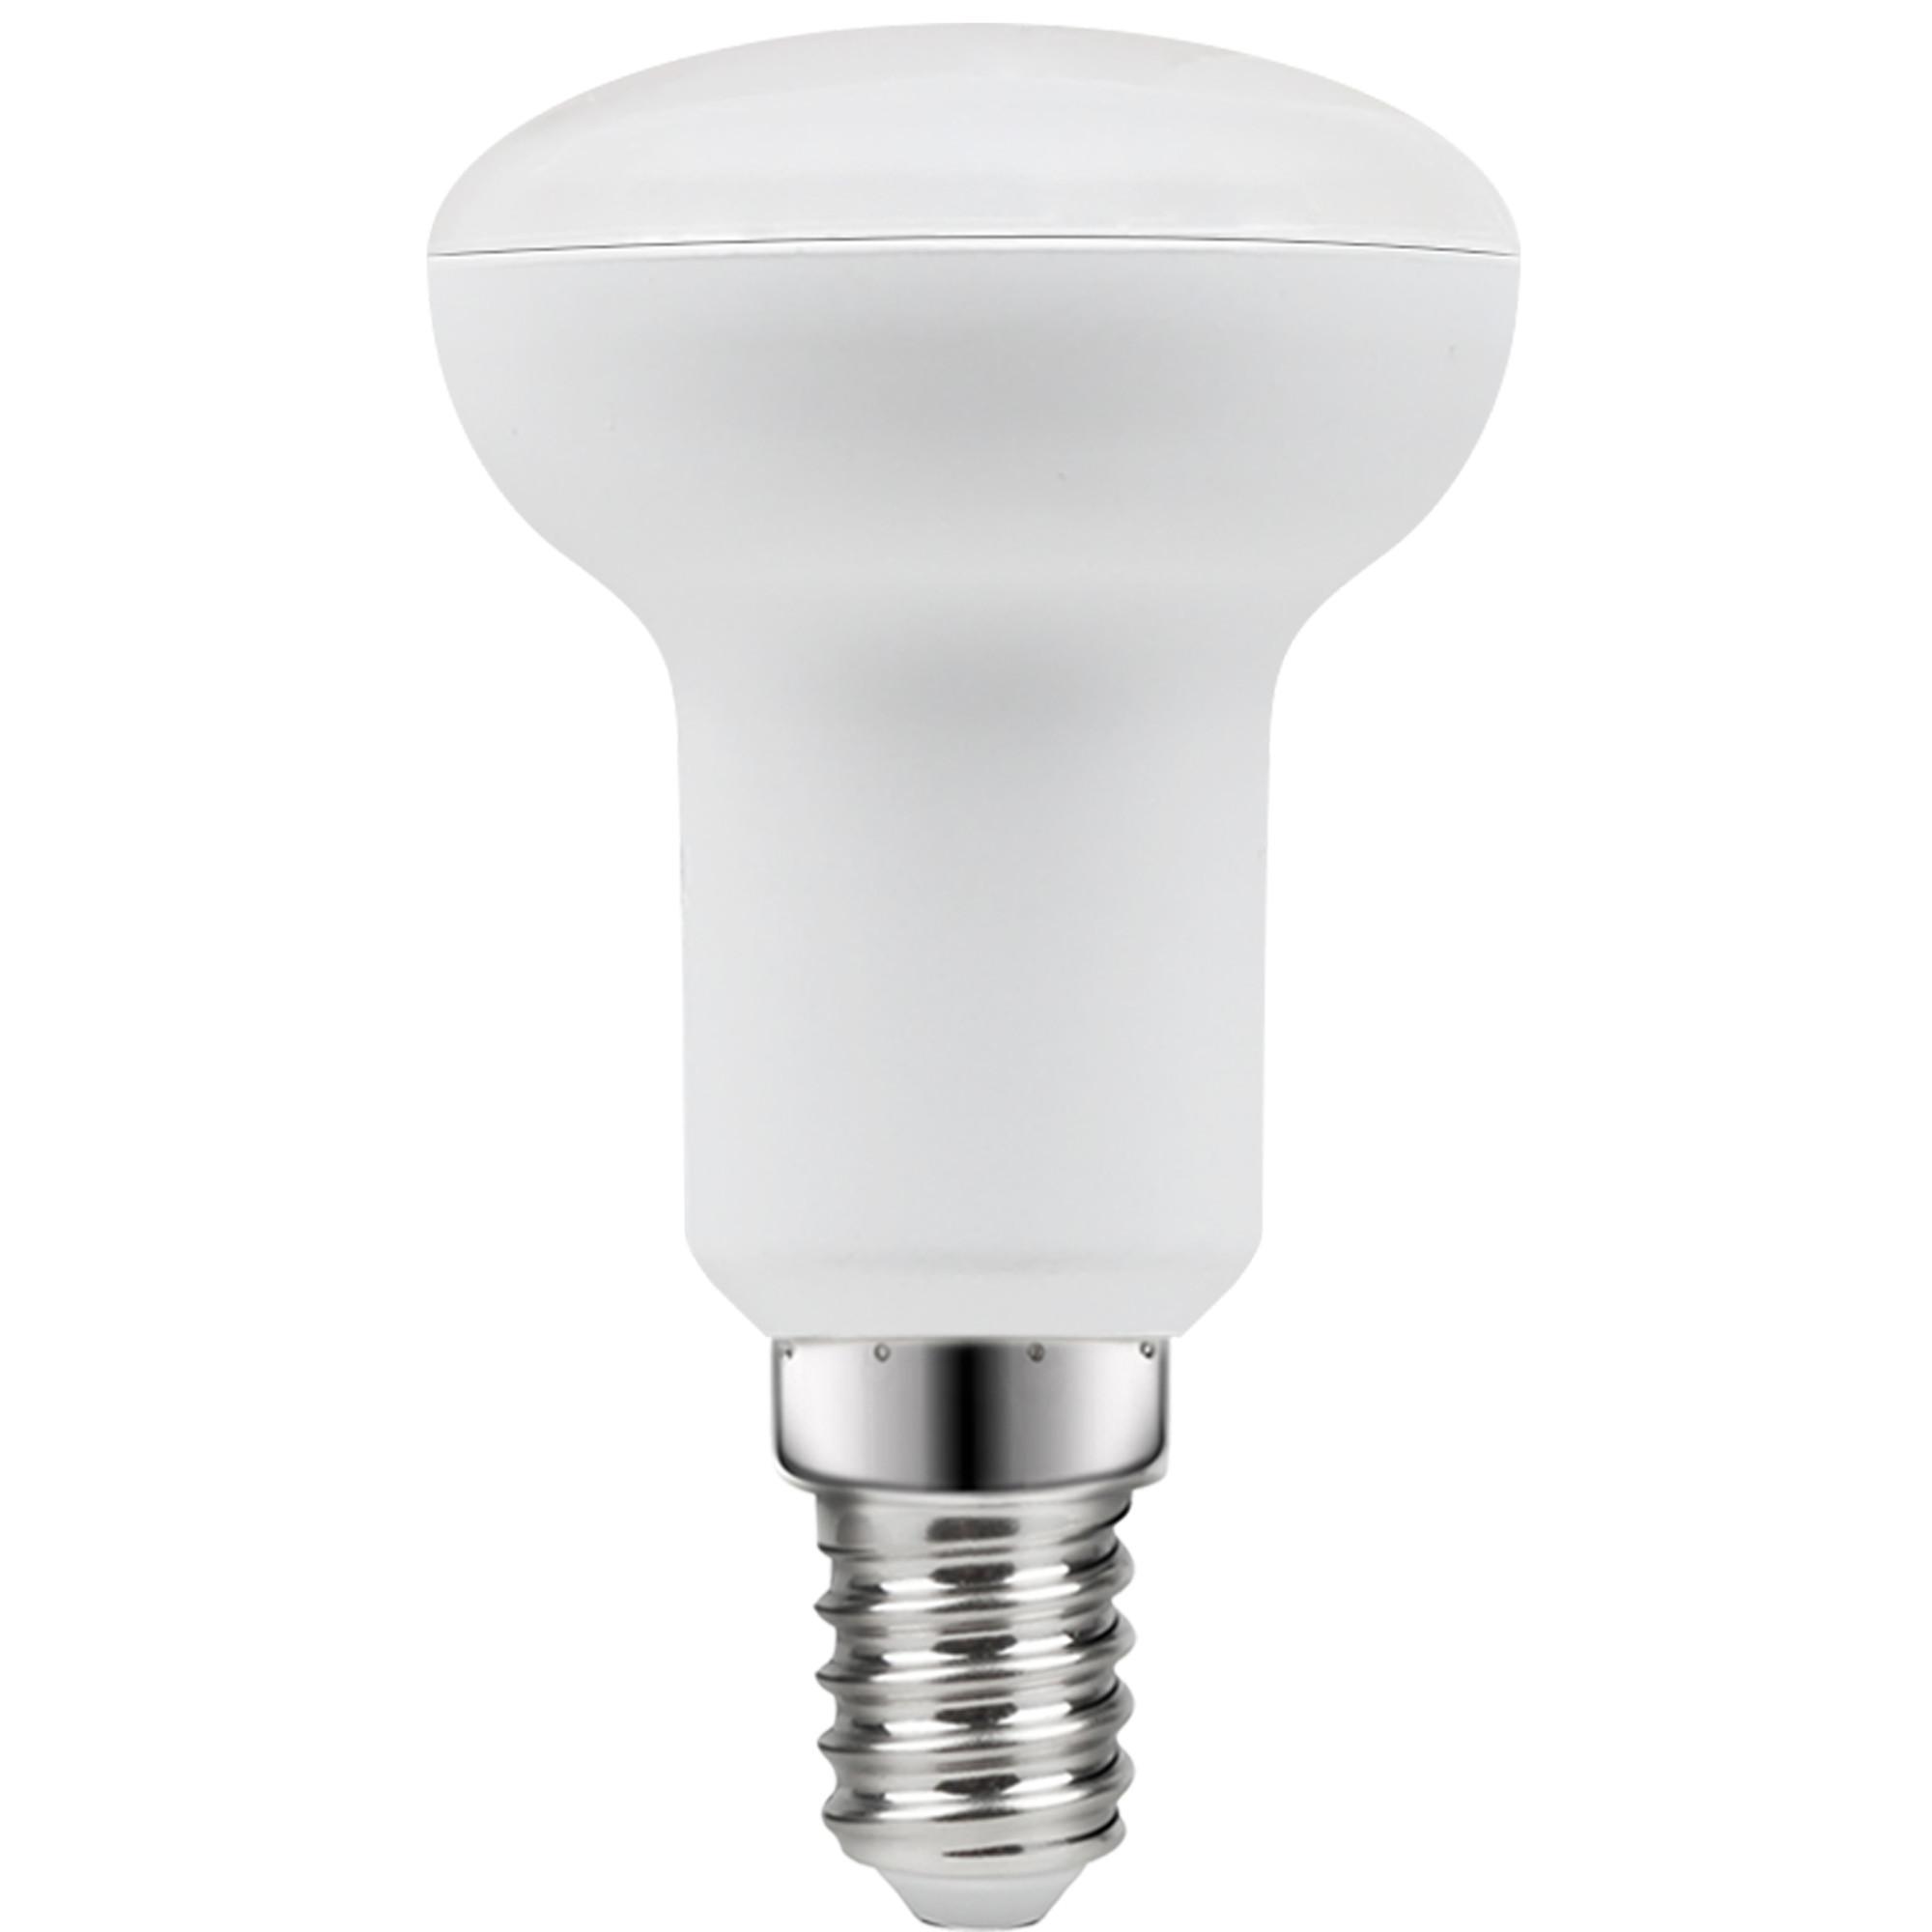 Лампа светодиодная Lexman E14 220 В 5 Вт отражатель прозрачный 470 лм тёплый белый свет